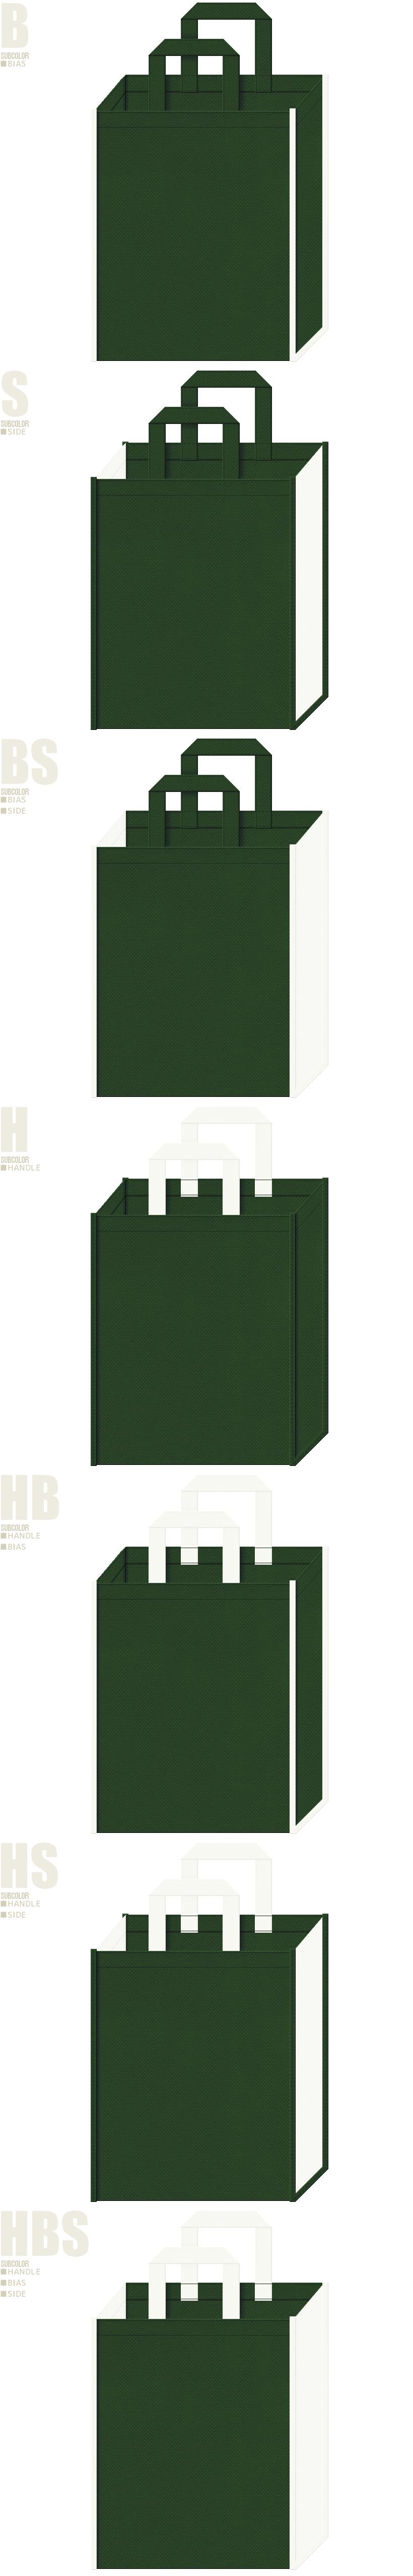 救急用品・薬局・製薬・薬剤・処方箋・医療器具・医薬品の展示会用バッグにお奨めの不織布バッグデザイン:濃緑色とオフホワイト色の配色7パターン